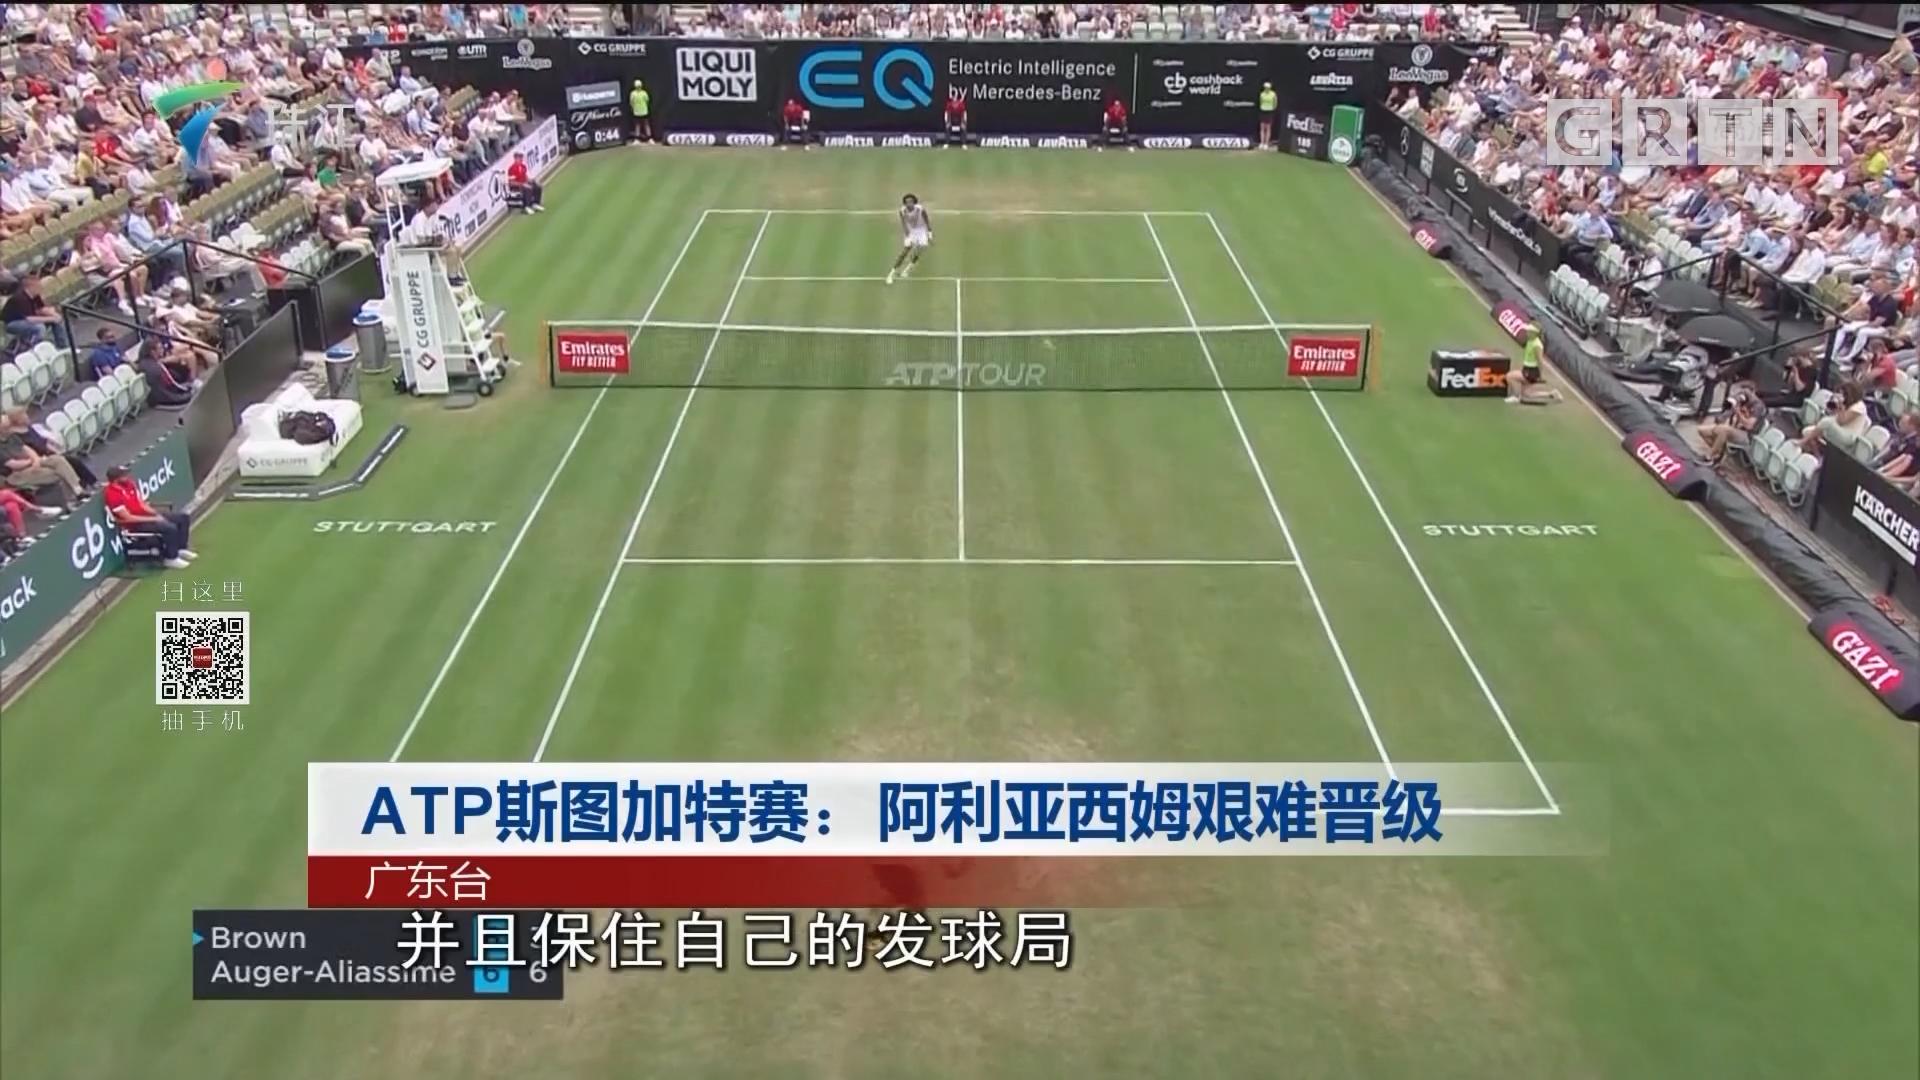 ATP斯图加特赛:阿利亚西姆艰难晋级